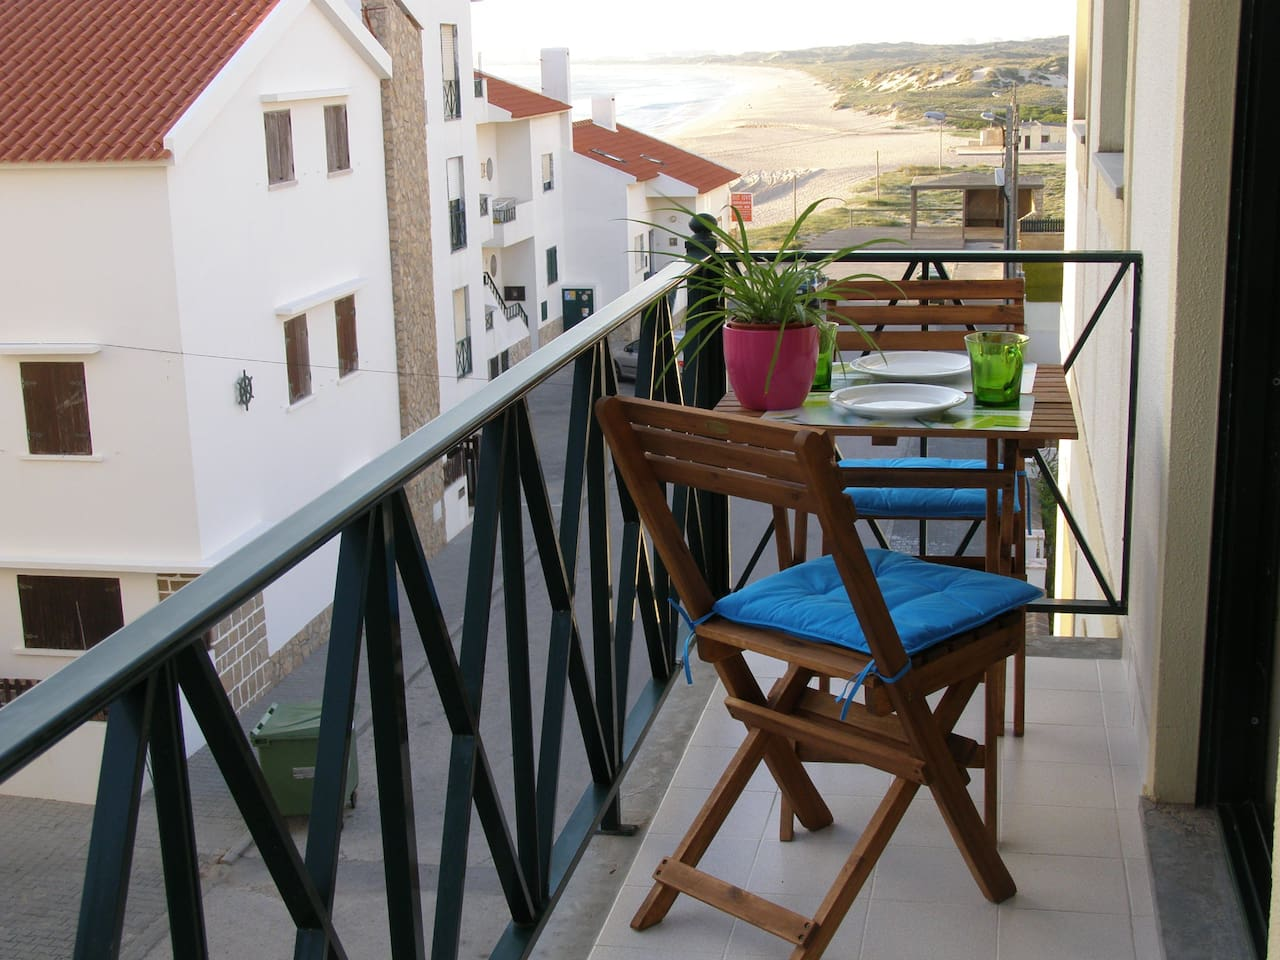 Esta é a varanda da Casa onde pode apreciar a vista para a baía da Praia da Consolação!